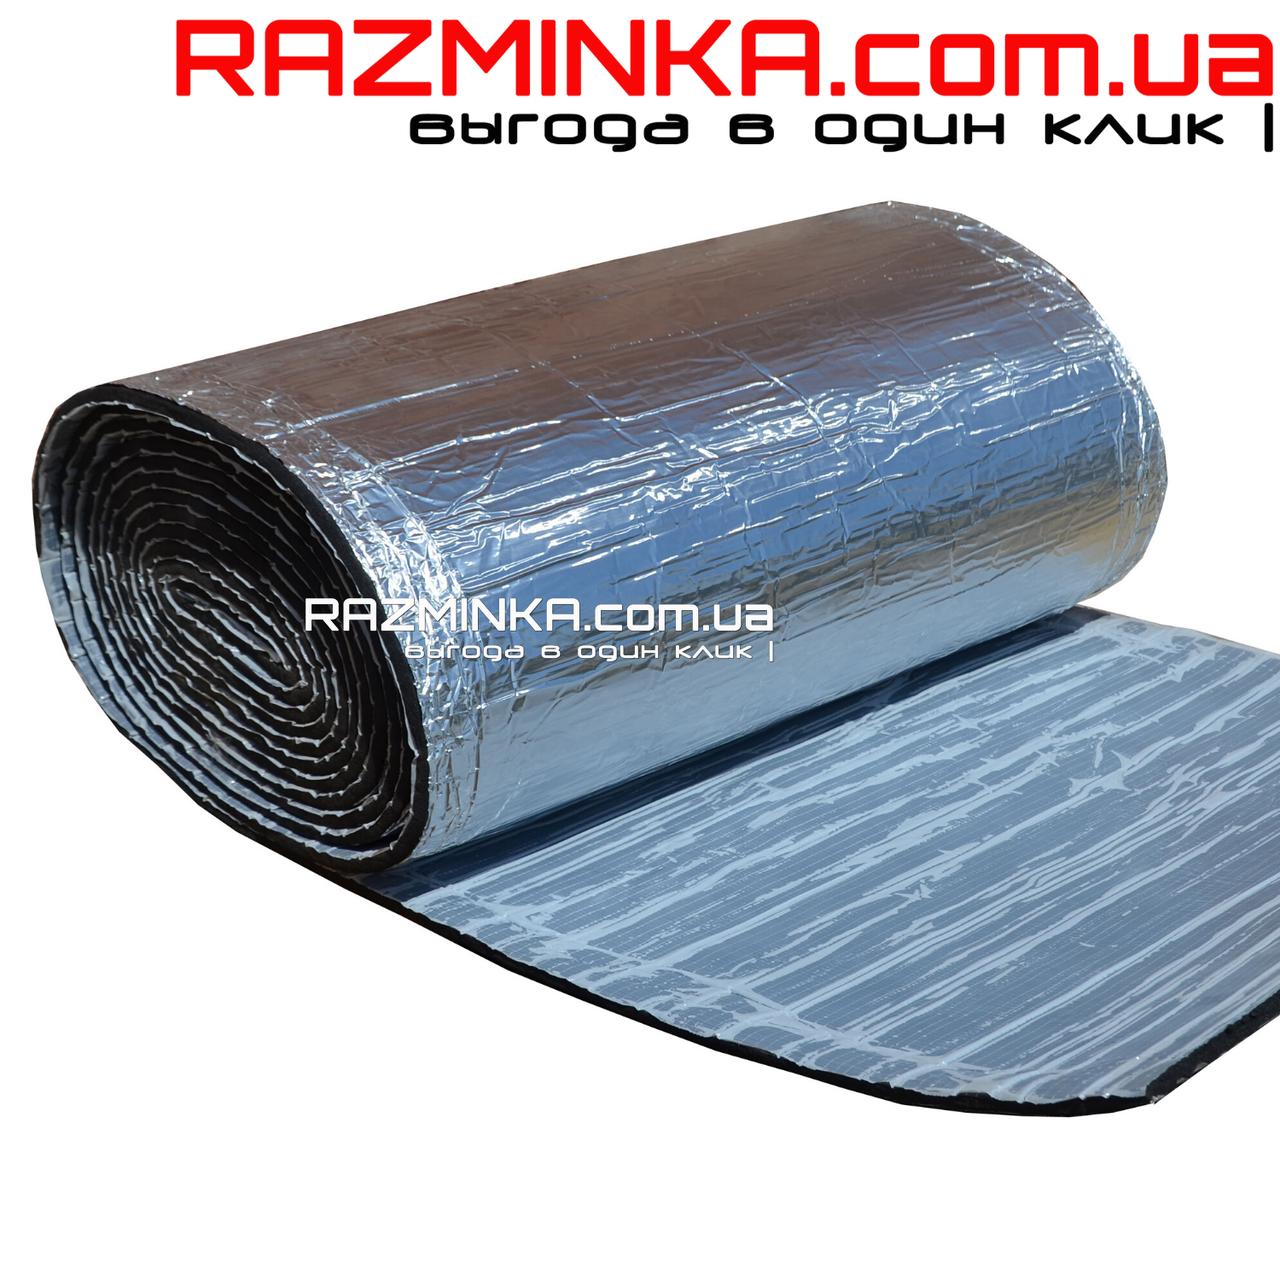 Вспененный каучук 25мм с фольгой и липким слоем